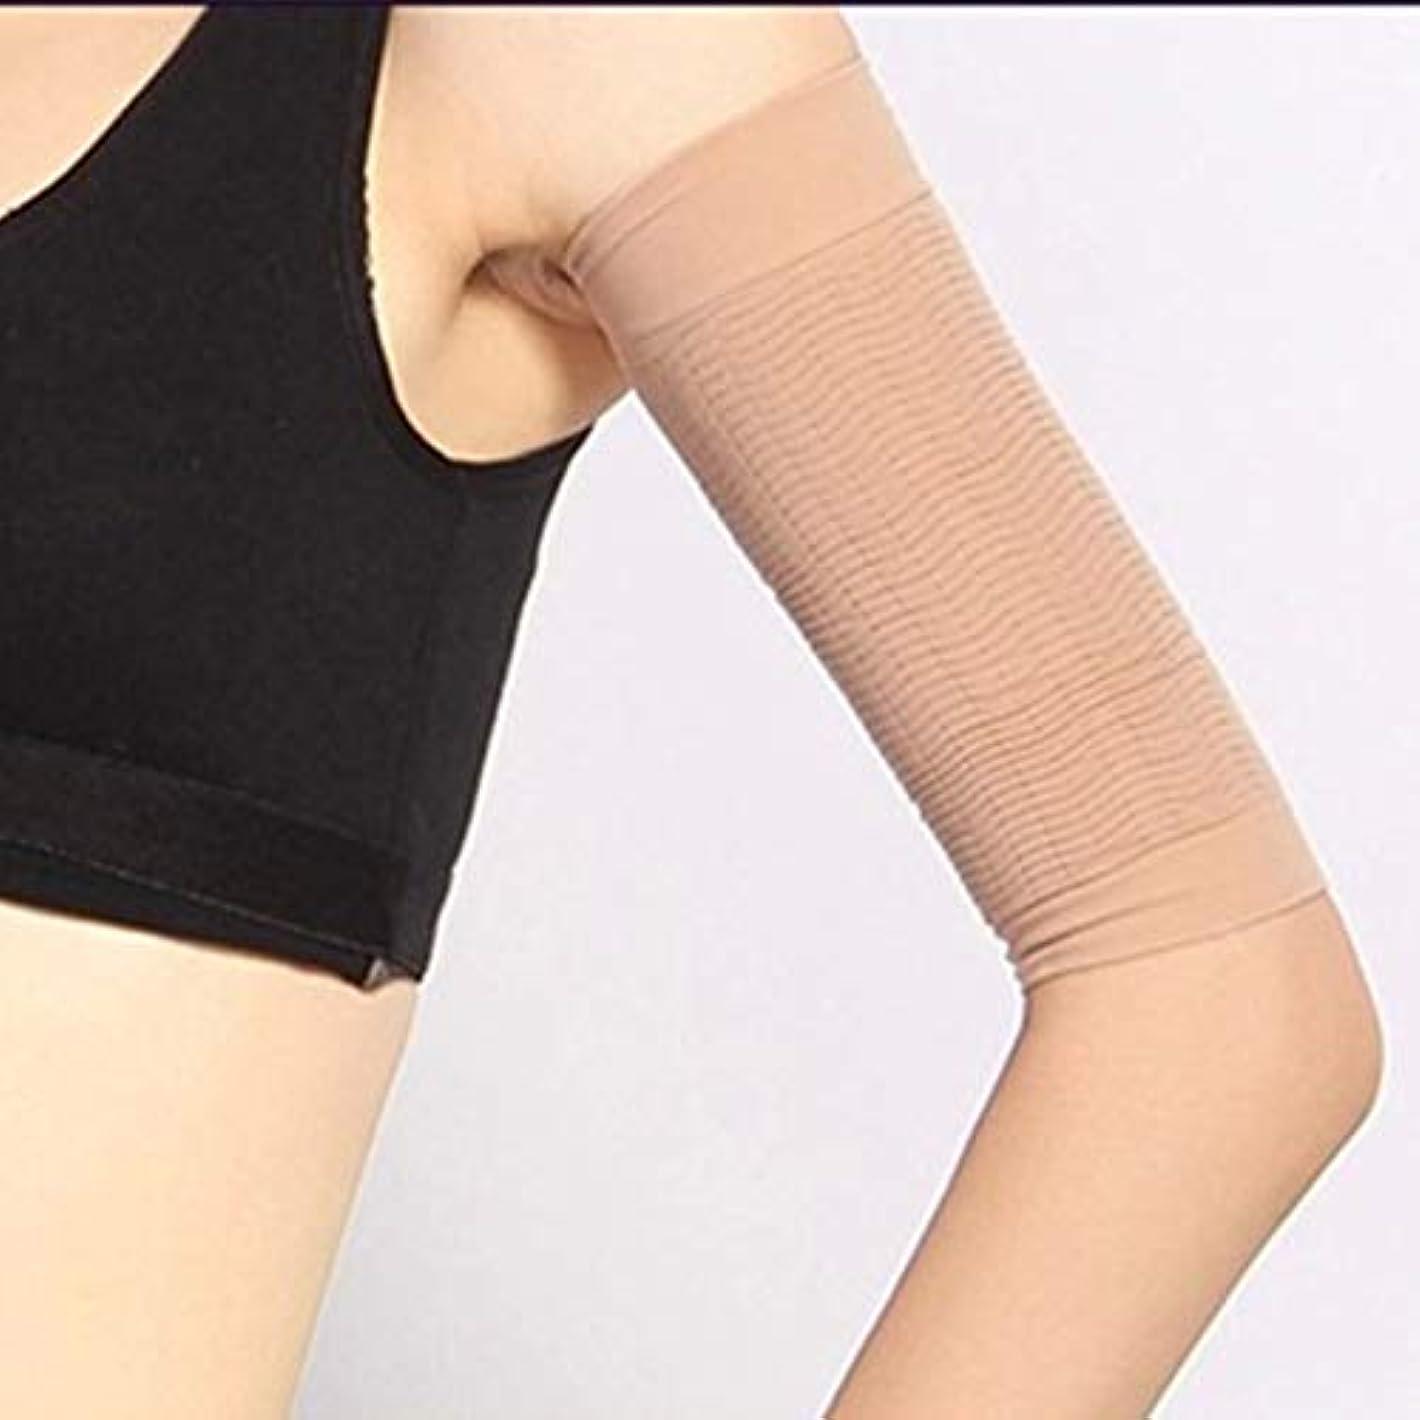 赤興奮マトリックス1ペア420 D圧縮痩身アームスリーブワークアウトトーニングバーンセルライトシェイパー脂肪燃焼袖用女性 - 肌色